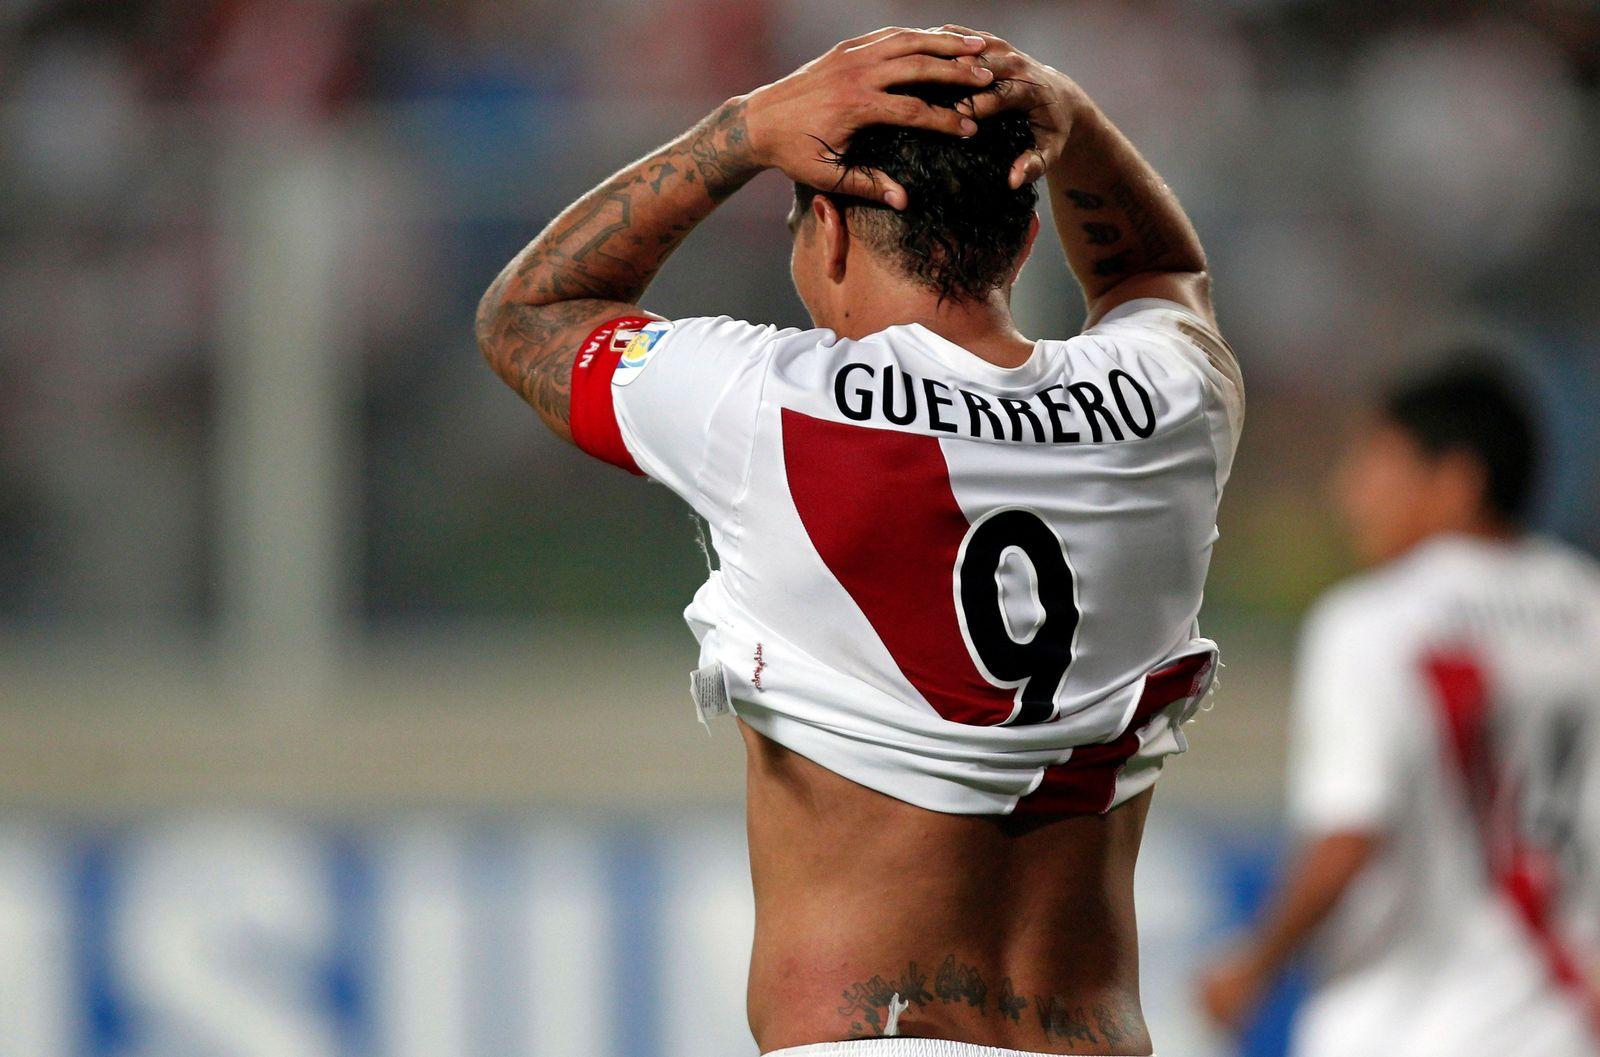 SOCCER-WORLDCUP-PER/GUERRERO